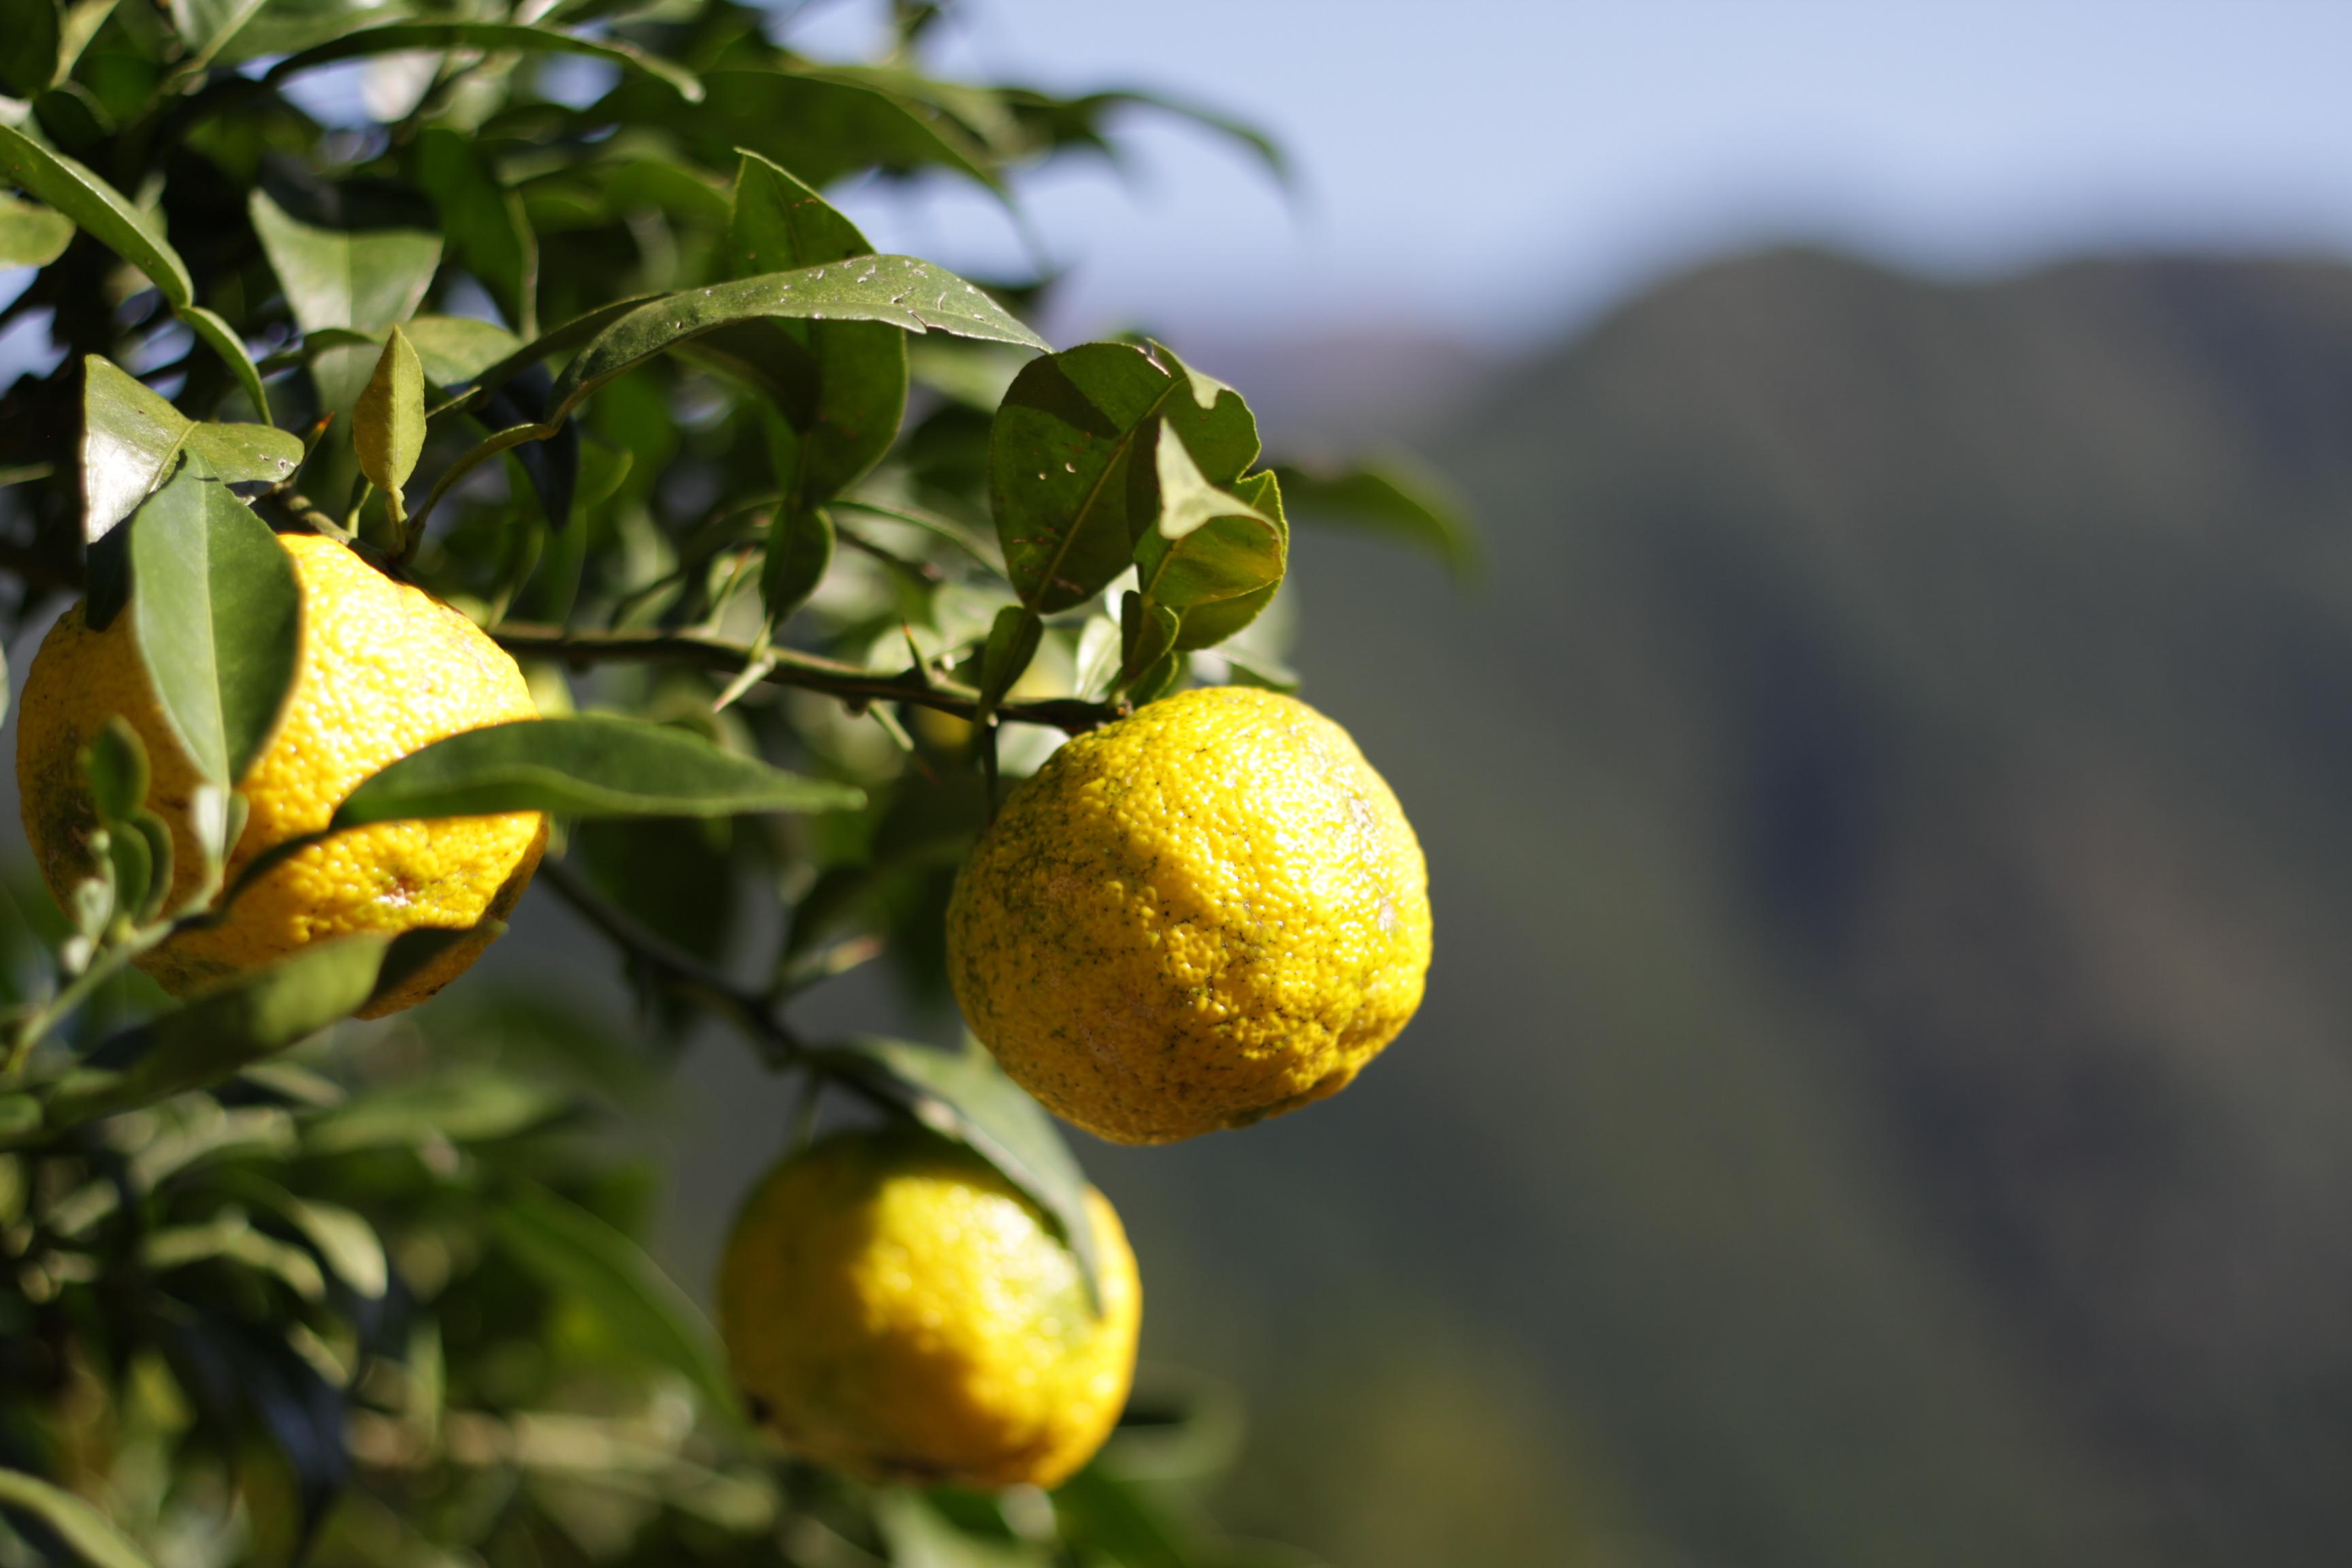 Yuzufrucht